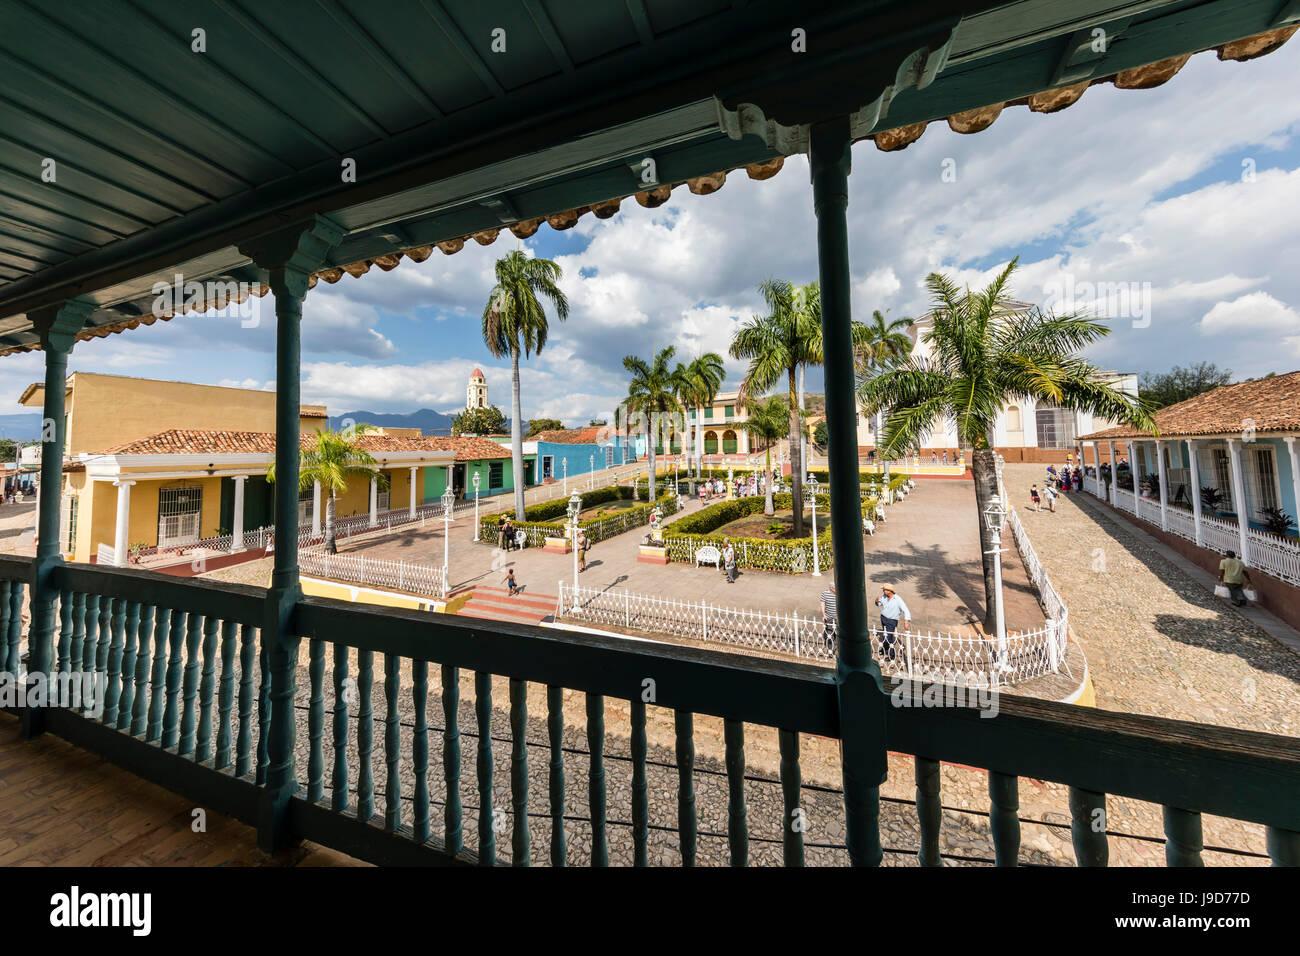 Una vista de la Plaza Mayor, Trinidad, Sitio del Patrimonio Mundial de la UNESCO, Cuba, Las Antillas, el Caribe, Imagen De Stock